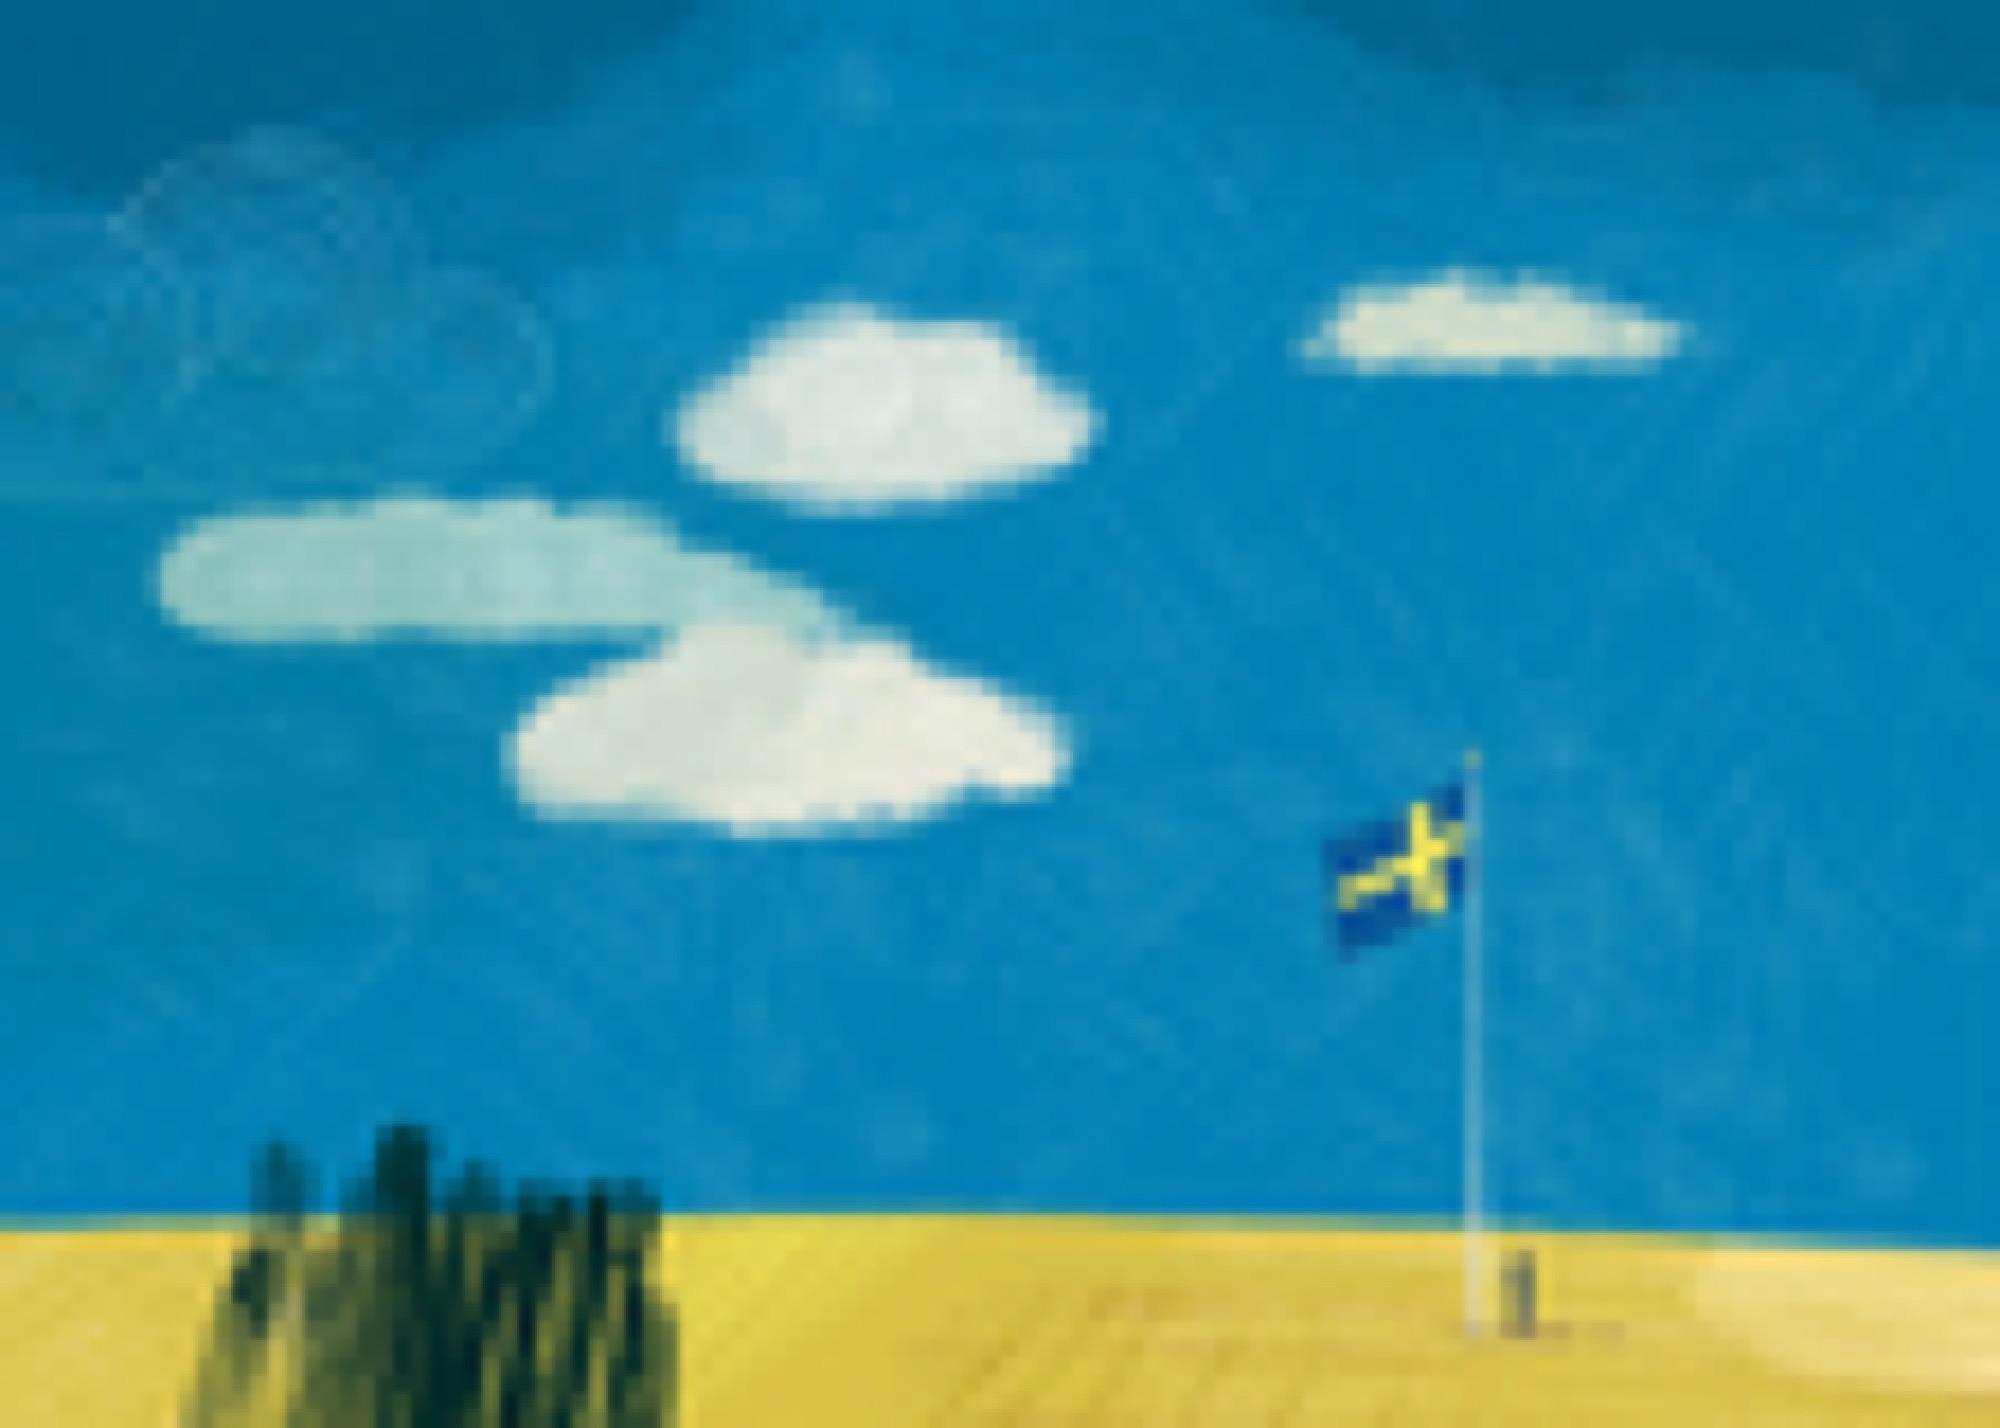 Magazine illustration, Forskning & Framsteg/Språken